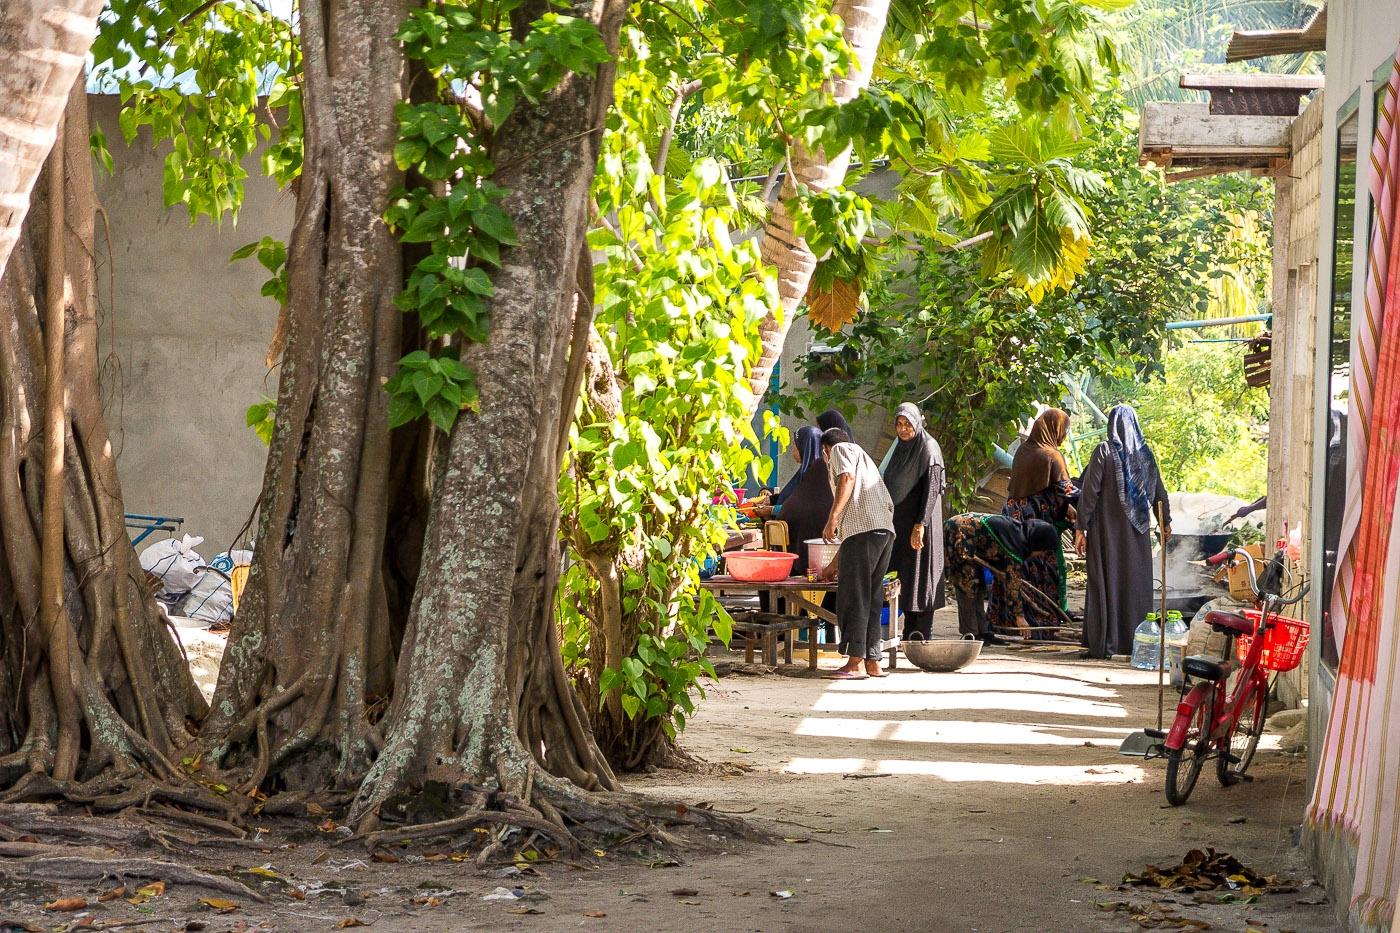 Preparando el banquete para una boda Maldiva, Mathiveri